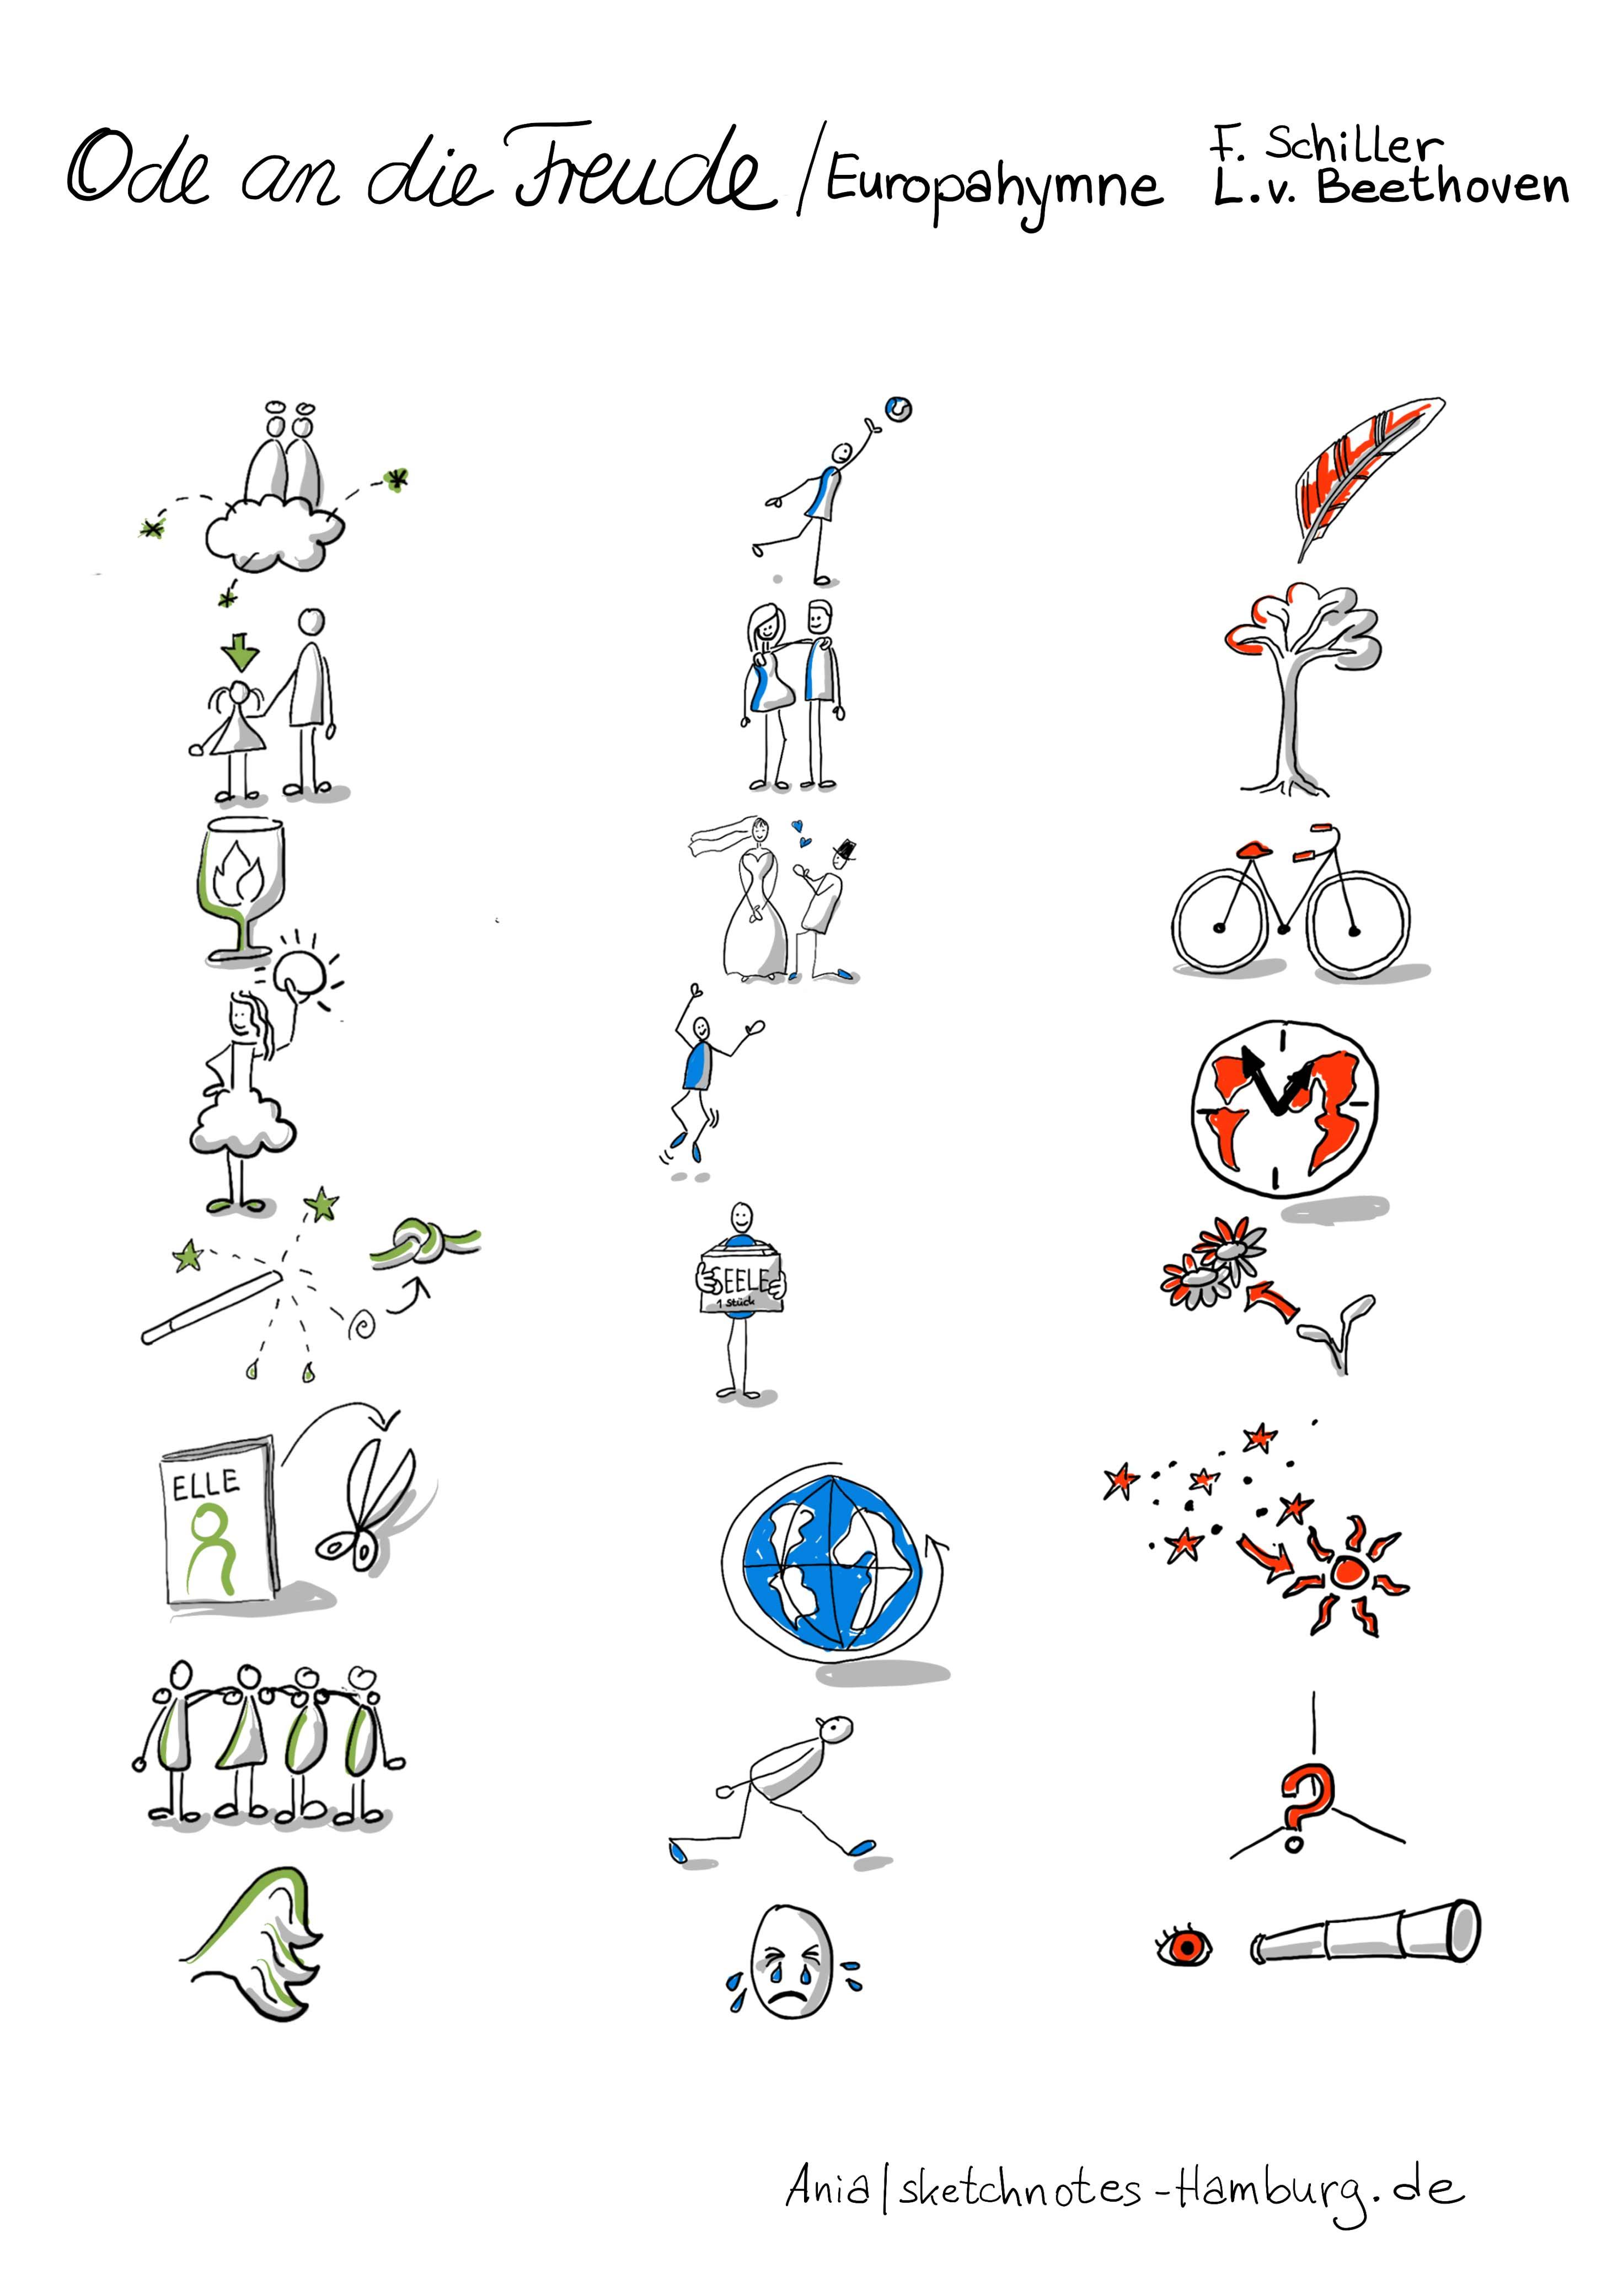 Auf dieser Sketchnote sind nun nur noch die Symbole und kleinen Bildchen der Europahymne (Ode an die Freude) in drei Reihen untereinander zu sehen. Die Götter sitzen übrigens auf einer Wolke aus der Funken sprühen. Sketchnotes: © Ania Groß